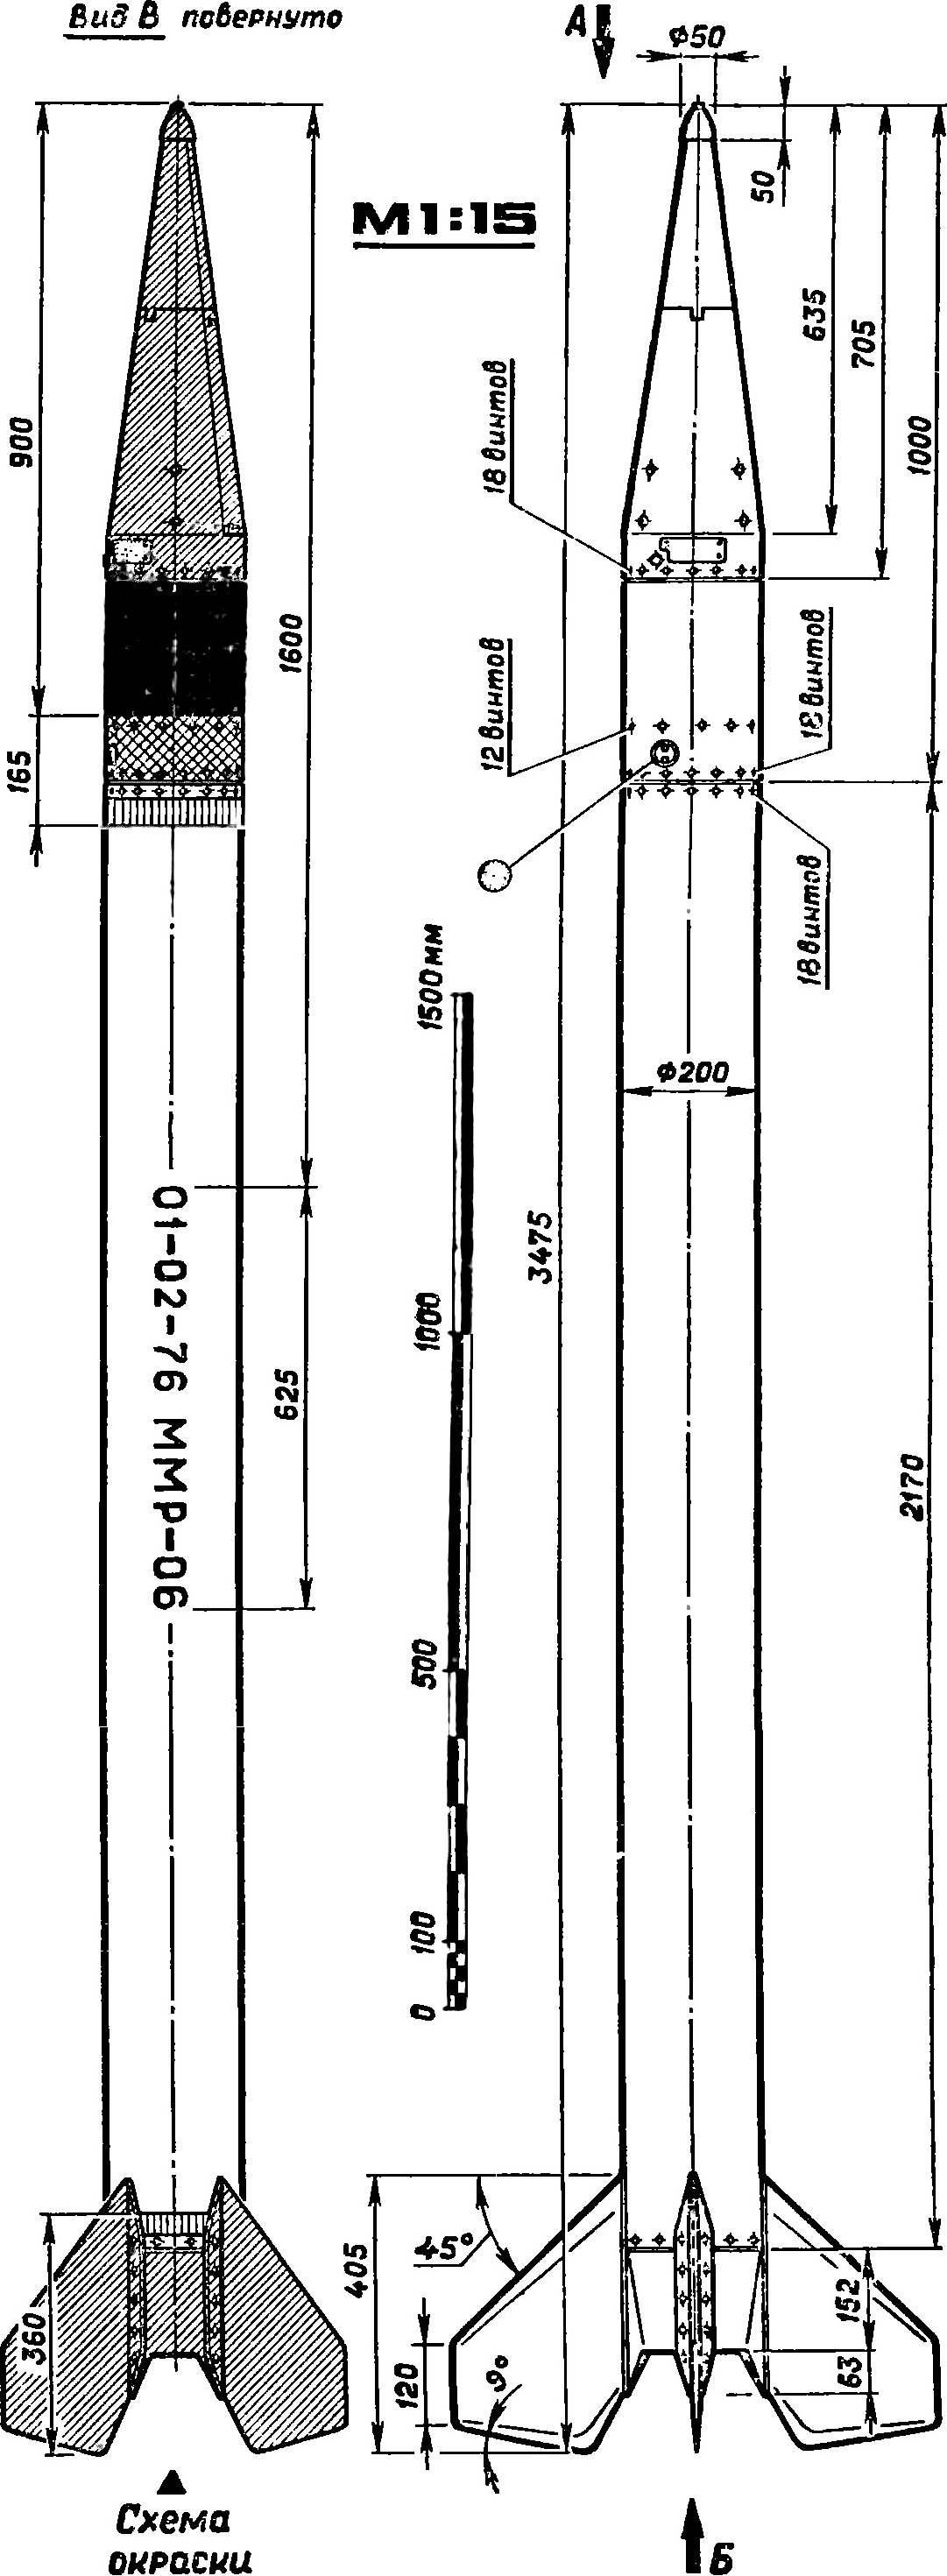 Ракета ММР-06.